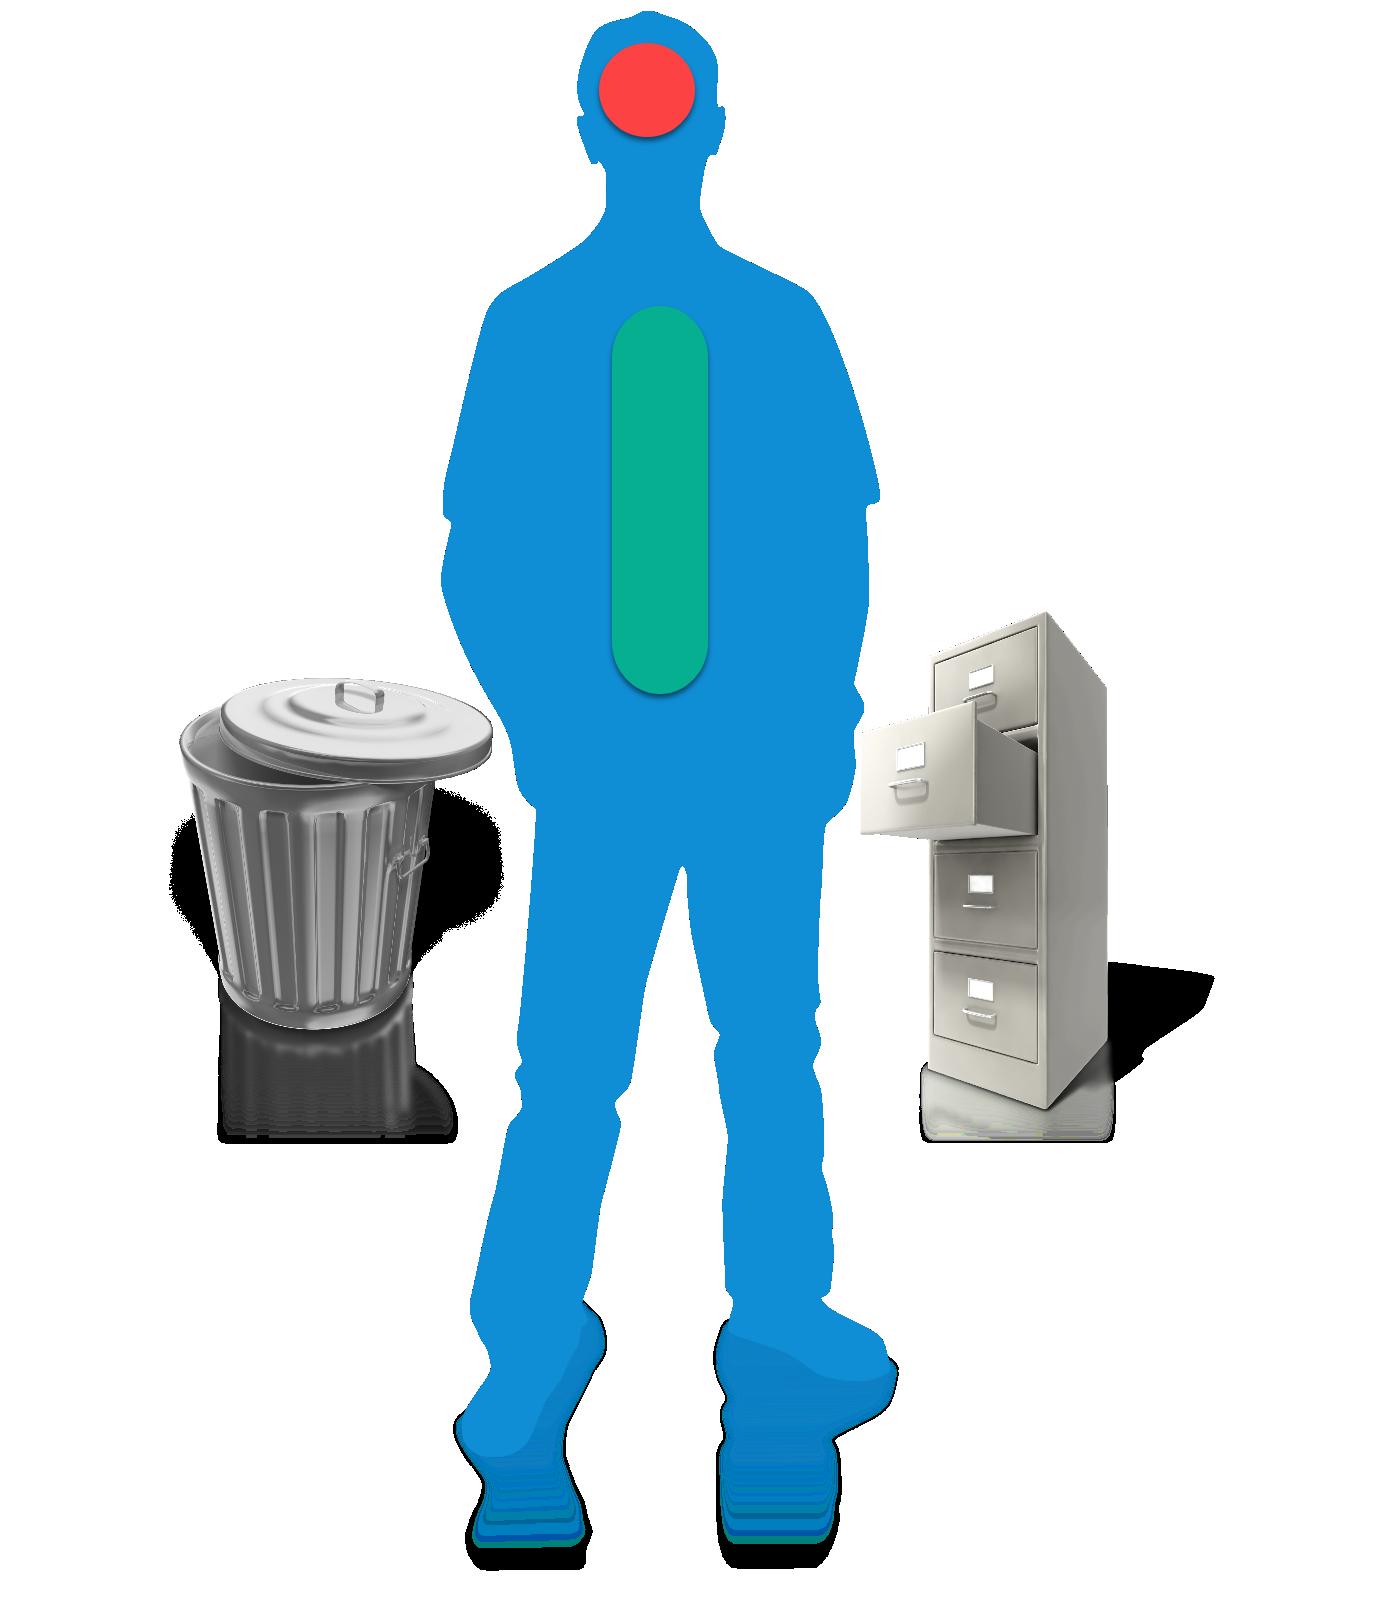 Mann ohne rechts links - Dein persönlicher Mindset Filter